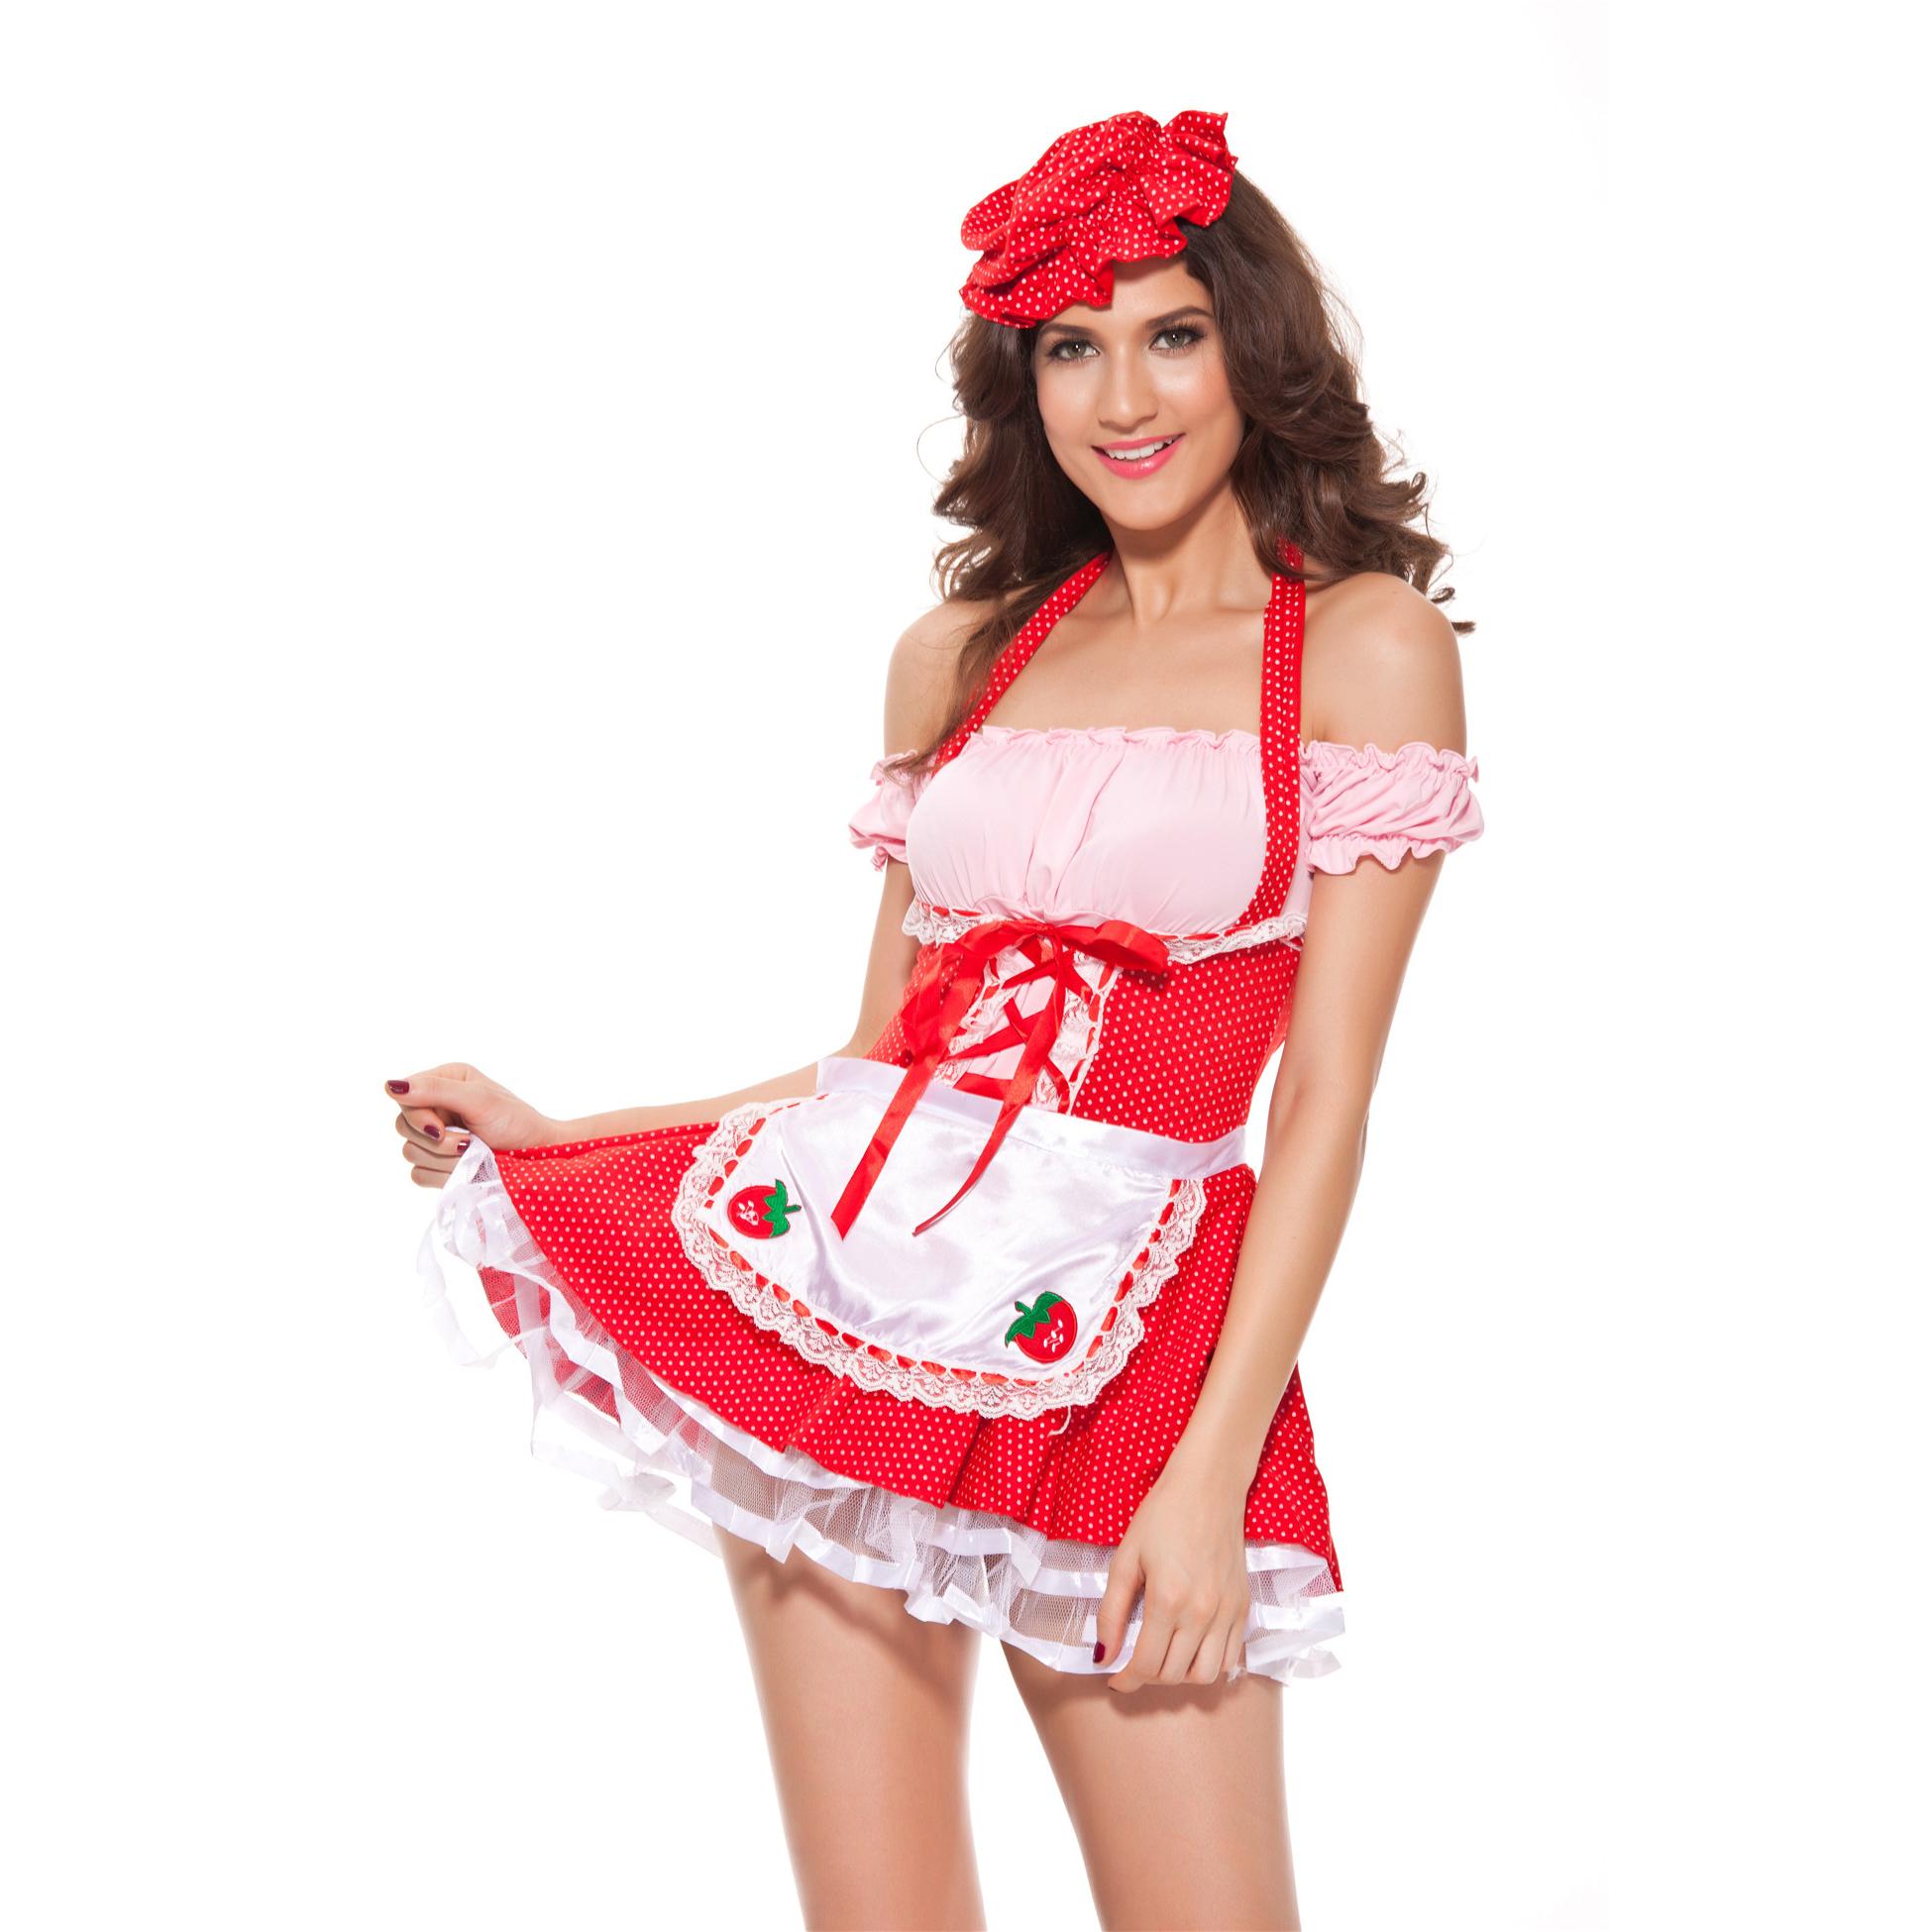 Смотреть бесплатно для взрослых красная шапочка 7 фотография